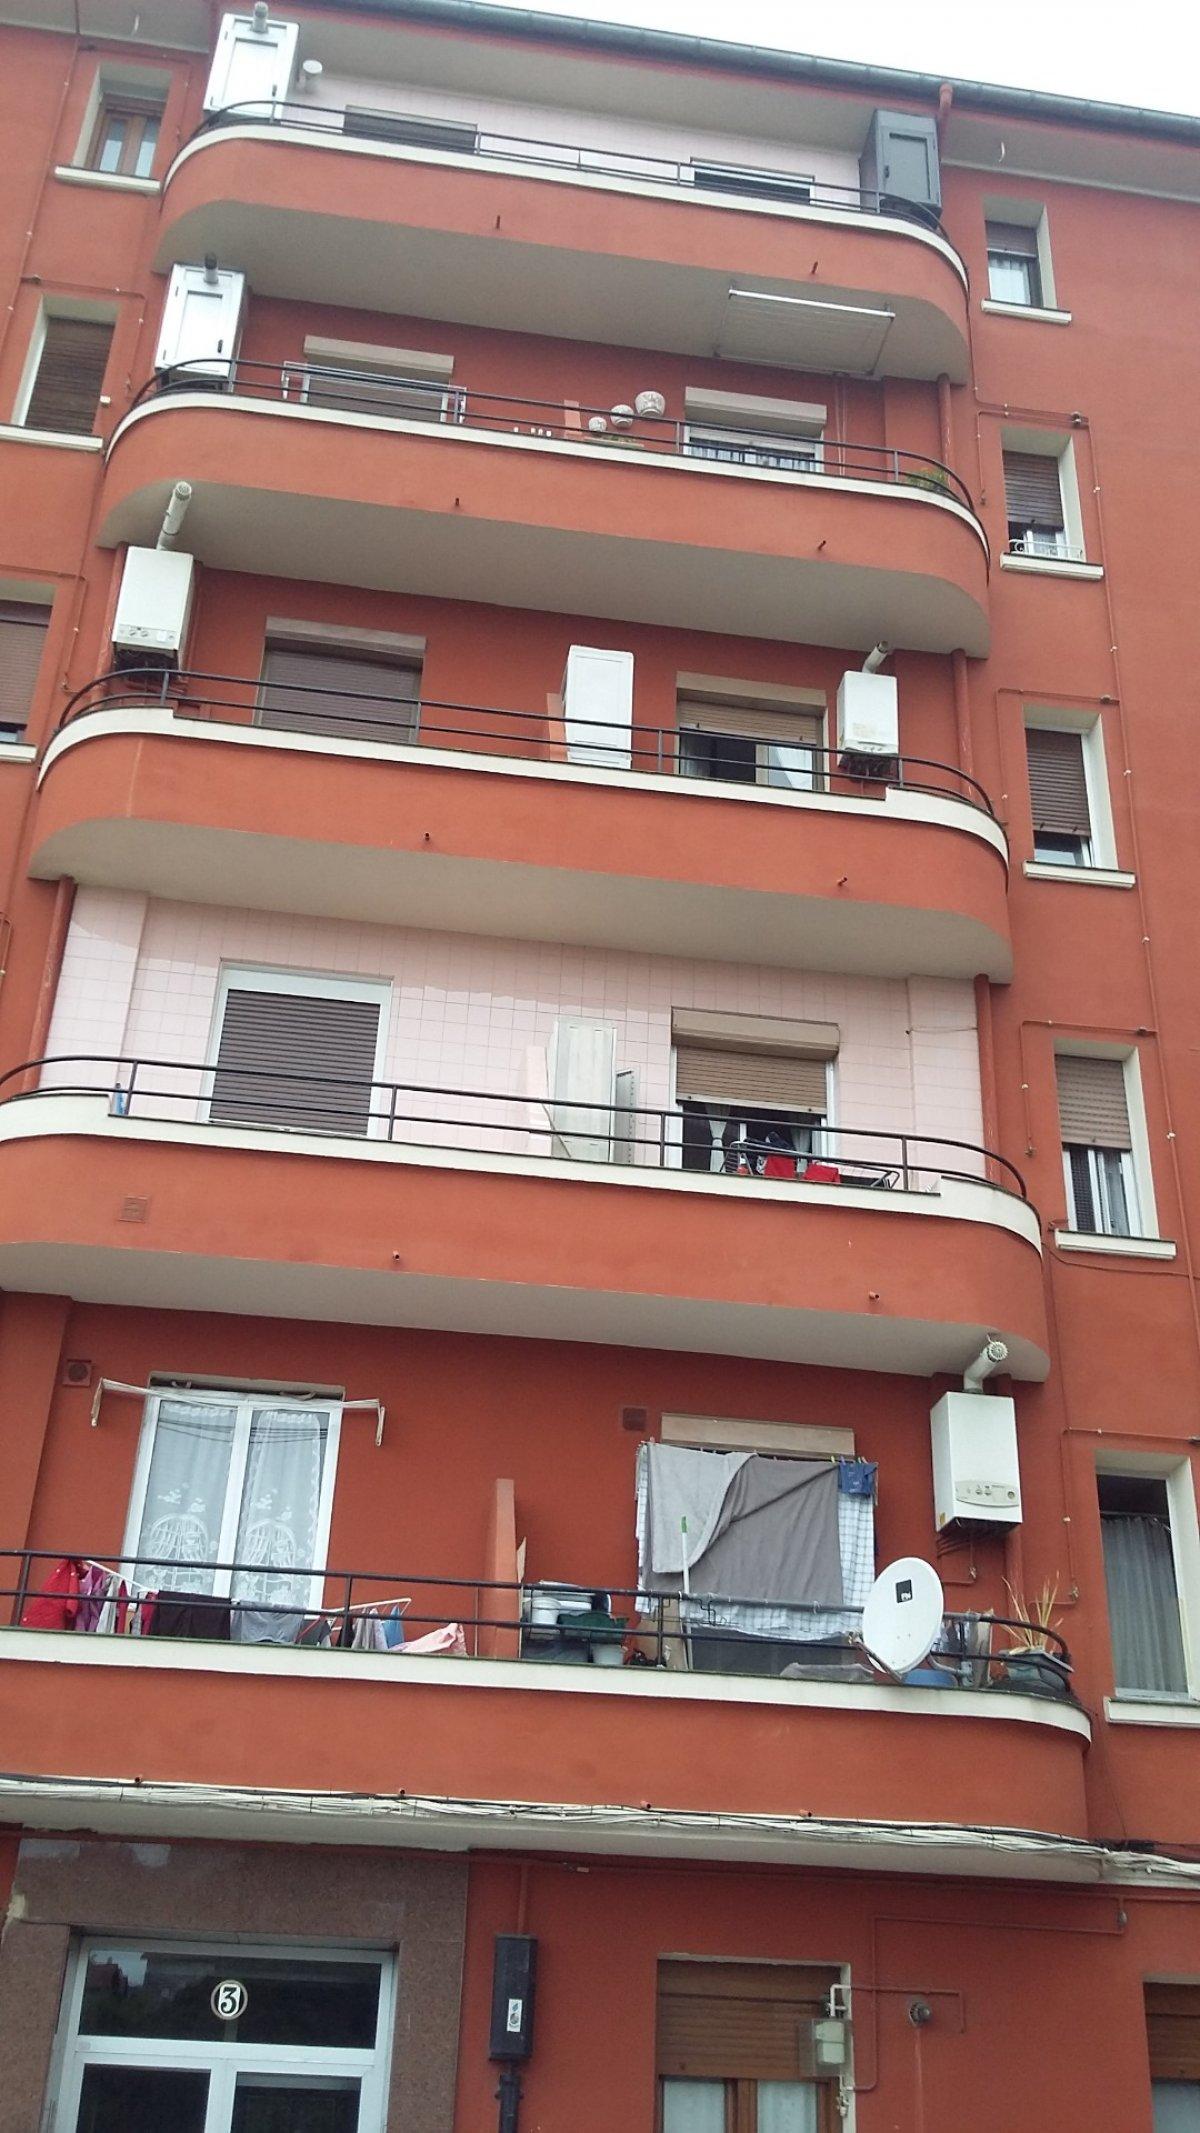 Piso en venta en Bilbao  de 2 Habitaciones, 1 Baño y 68 m2 por 120.000 €.